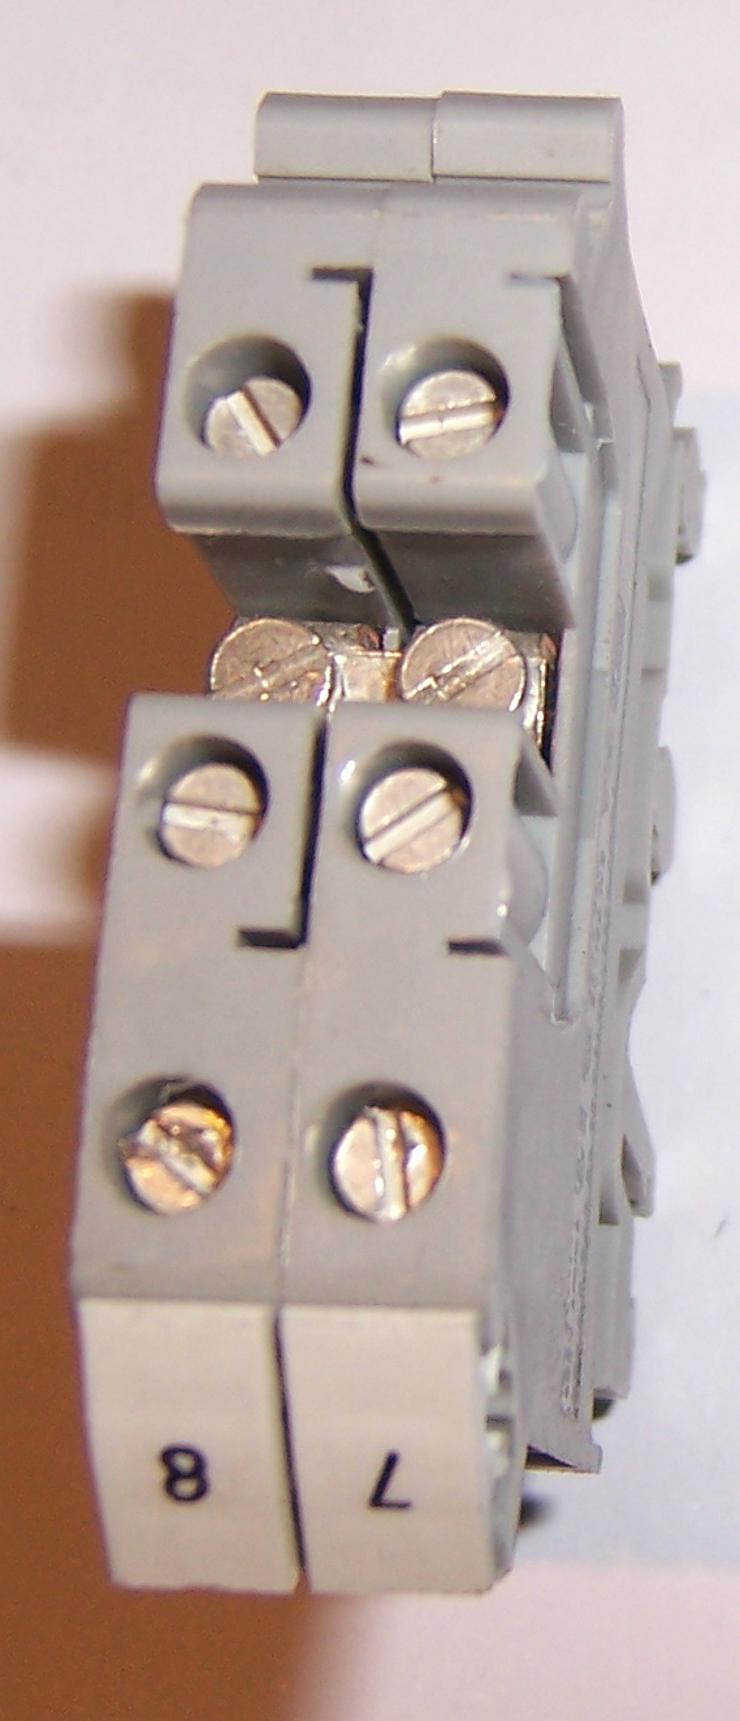 Schaltschrank Reihenklemmen, Phoenix Durchgangsklemmen UK5-TWIN, 2,5 mm2